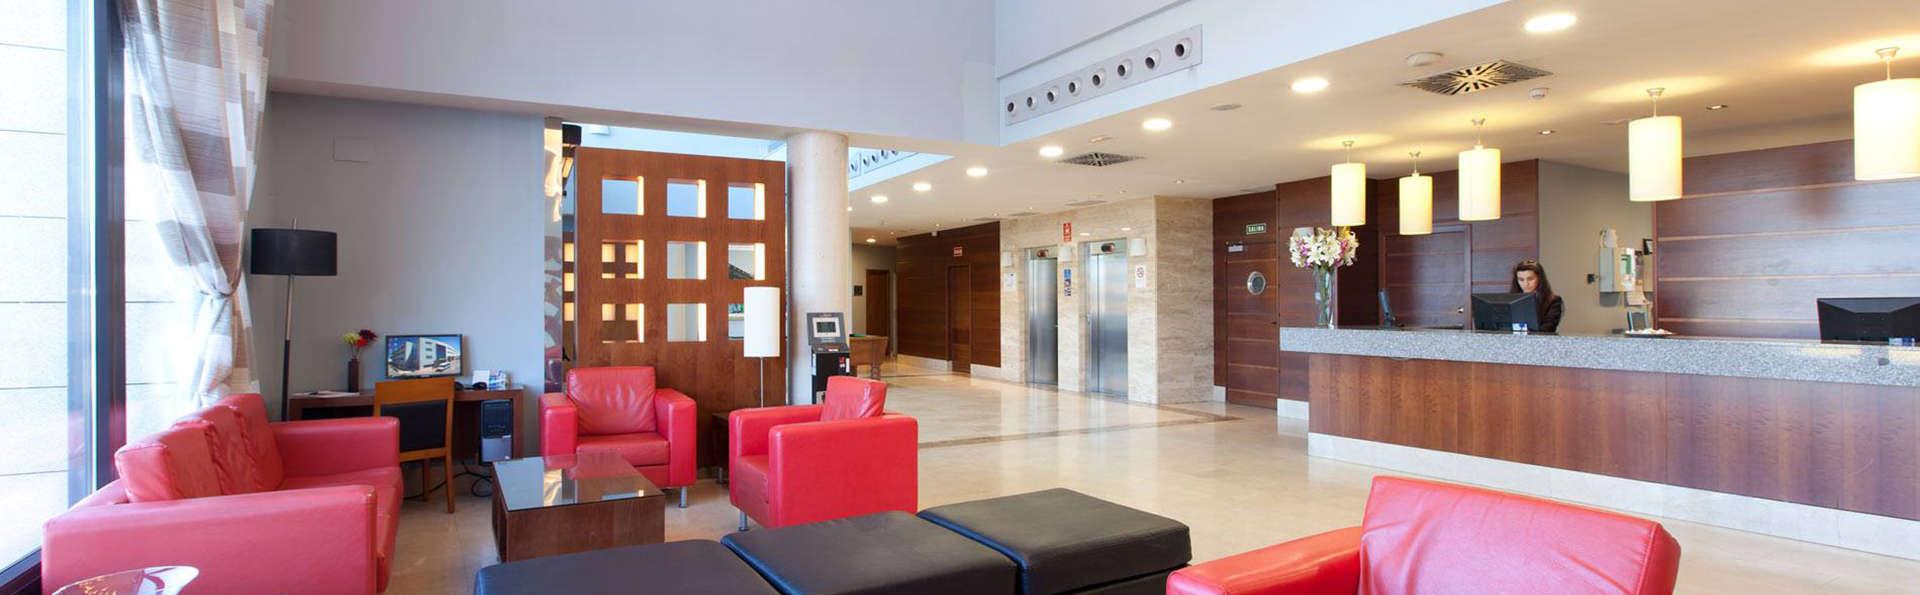 Hotel Avant Aeropuerto - EDIT_hall.jpg